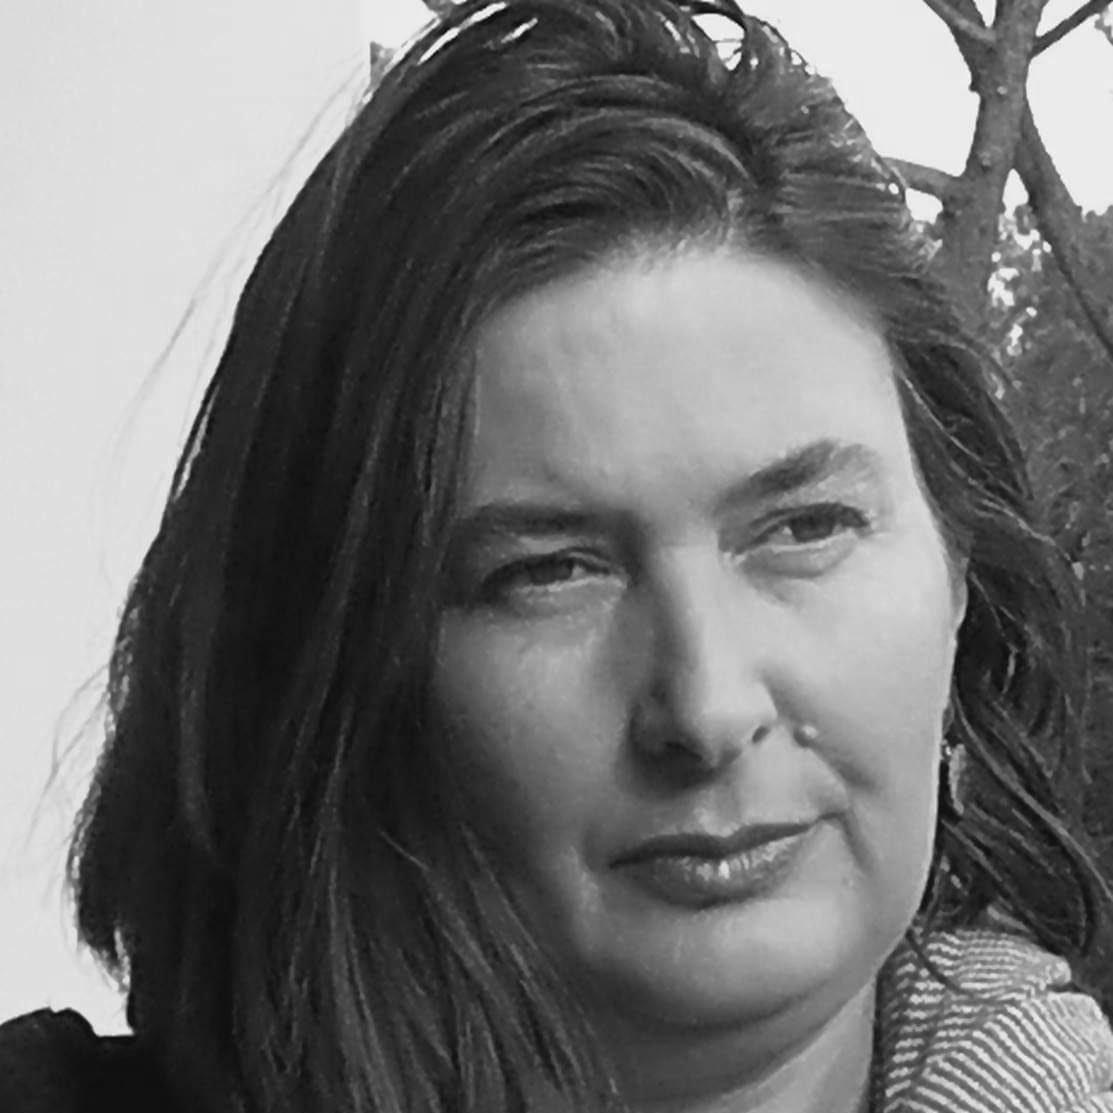 Bettina Bartalesi